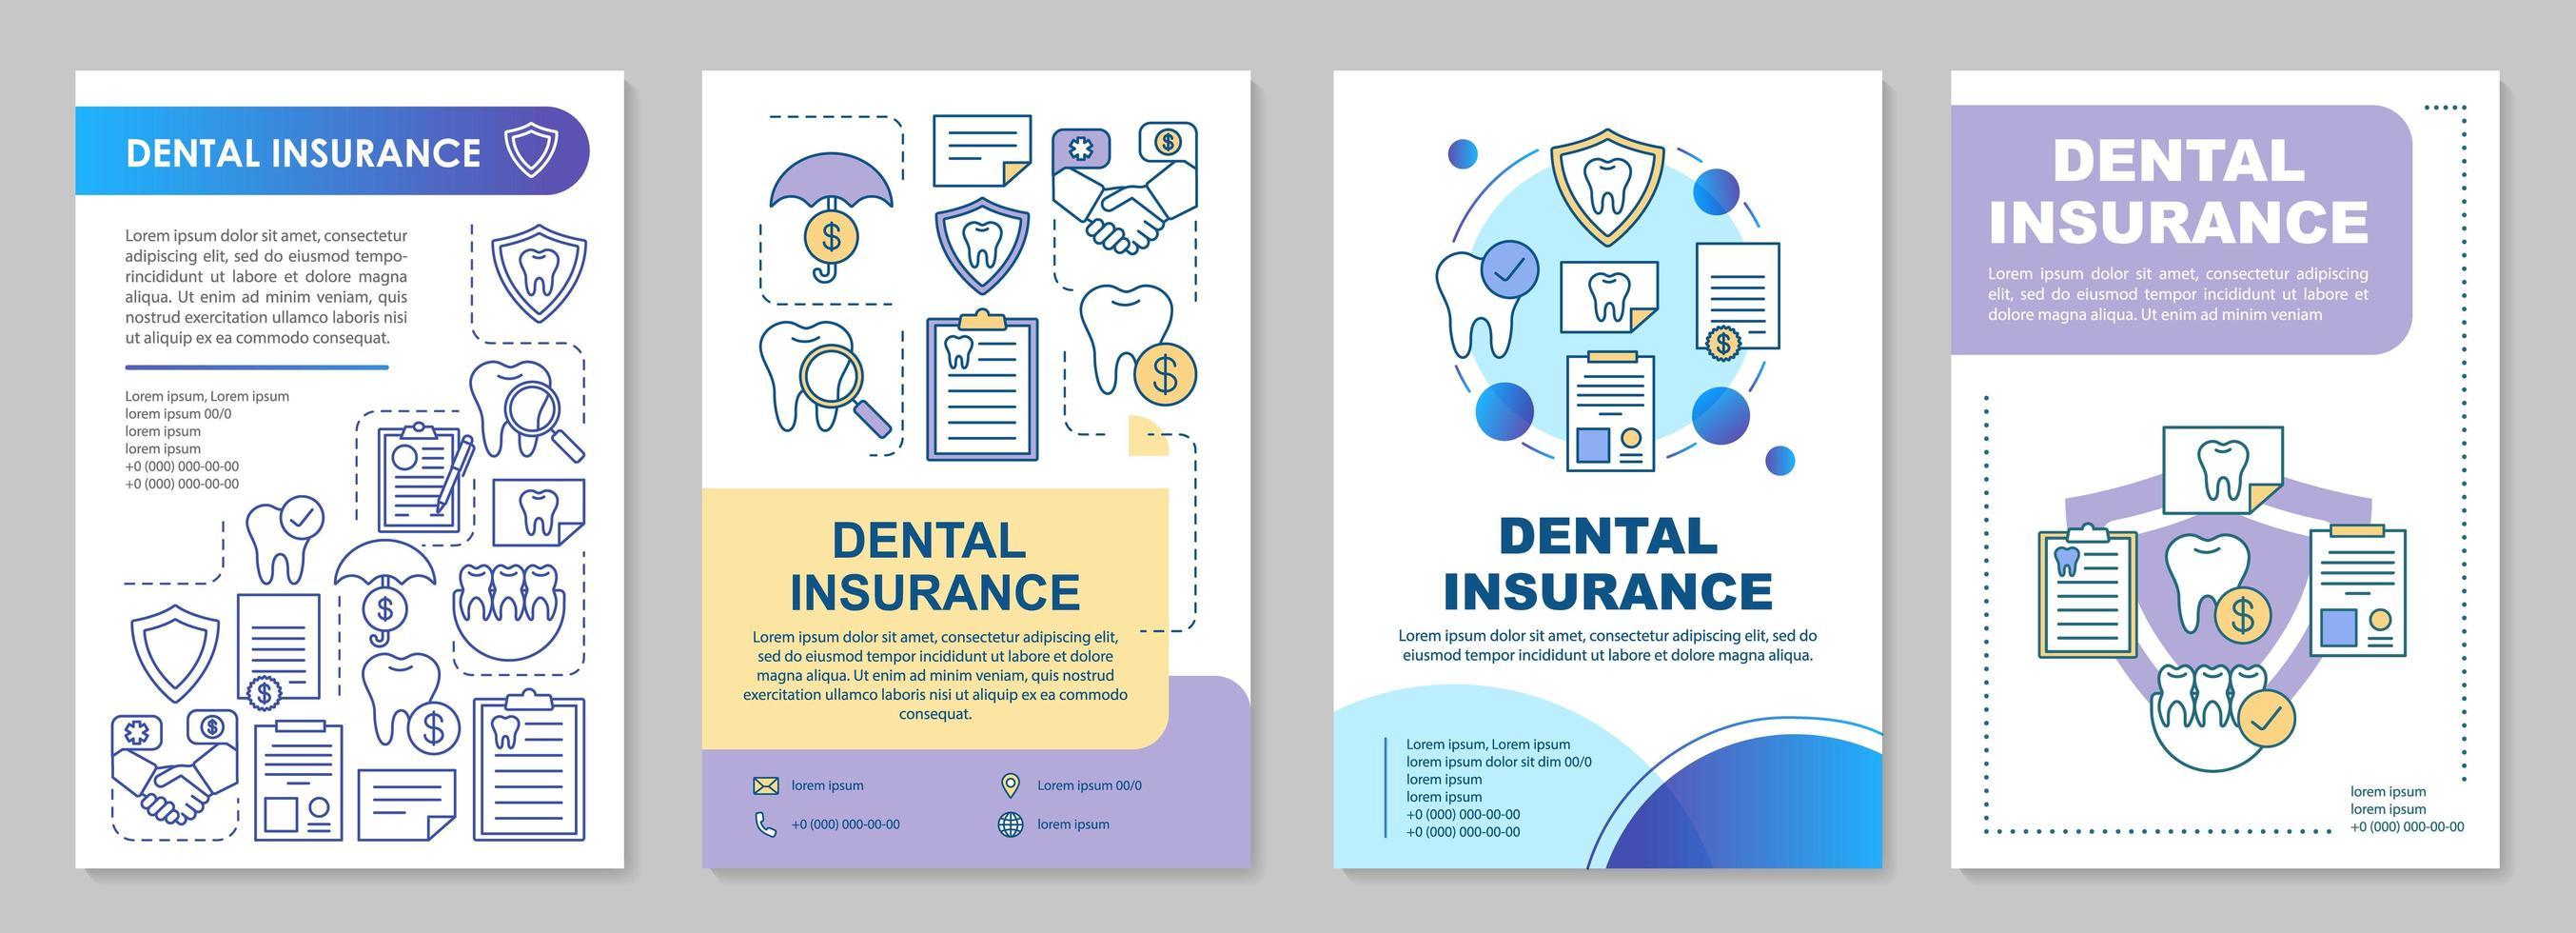 tandheelkundige verzekering brochure sjabloon vector